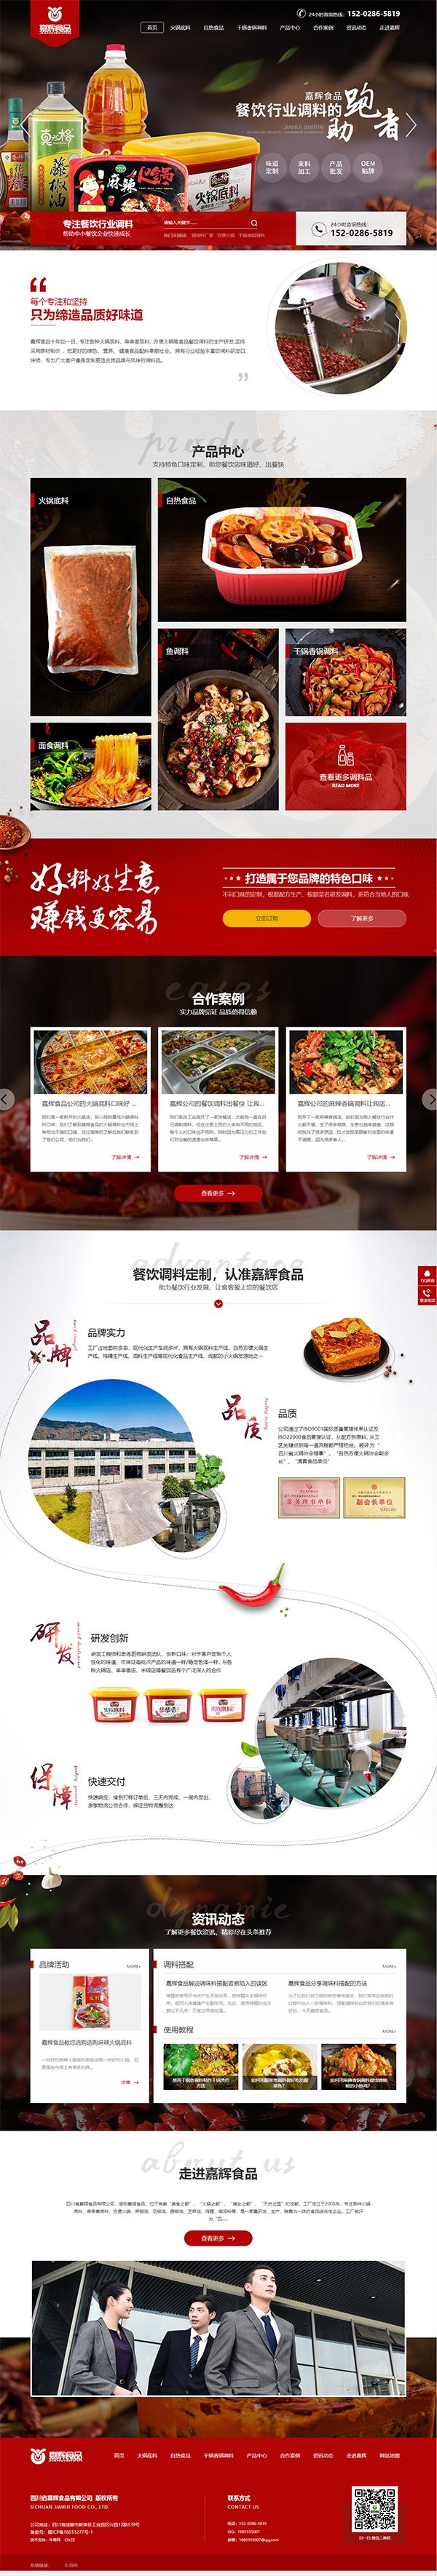 食品营销型网站案例